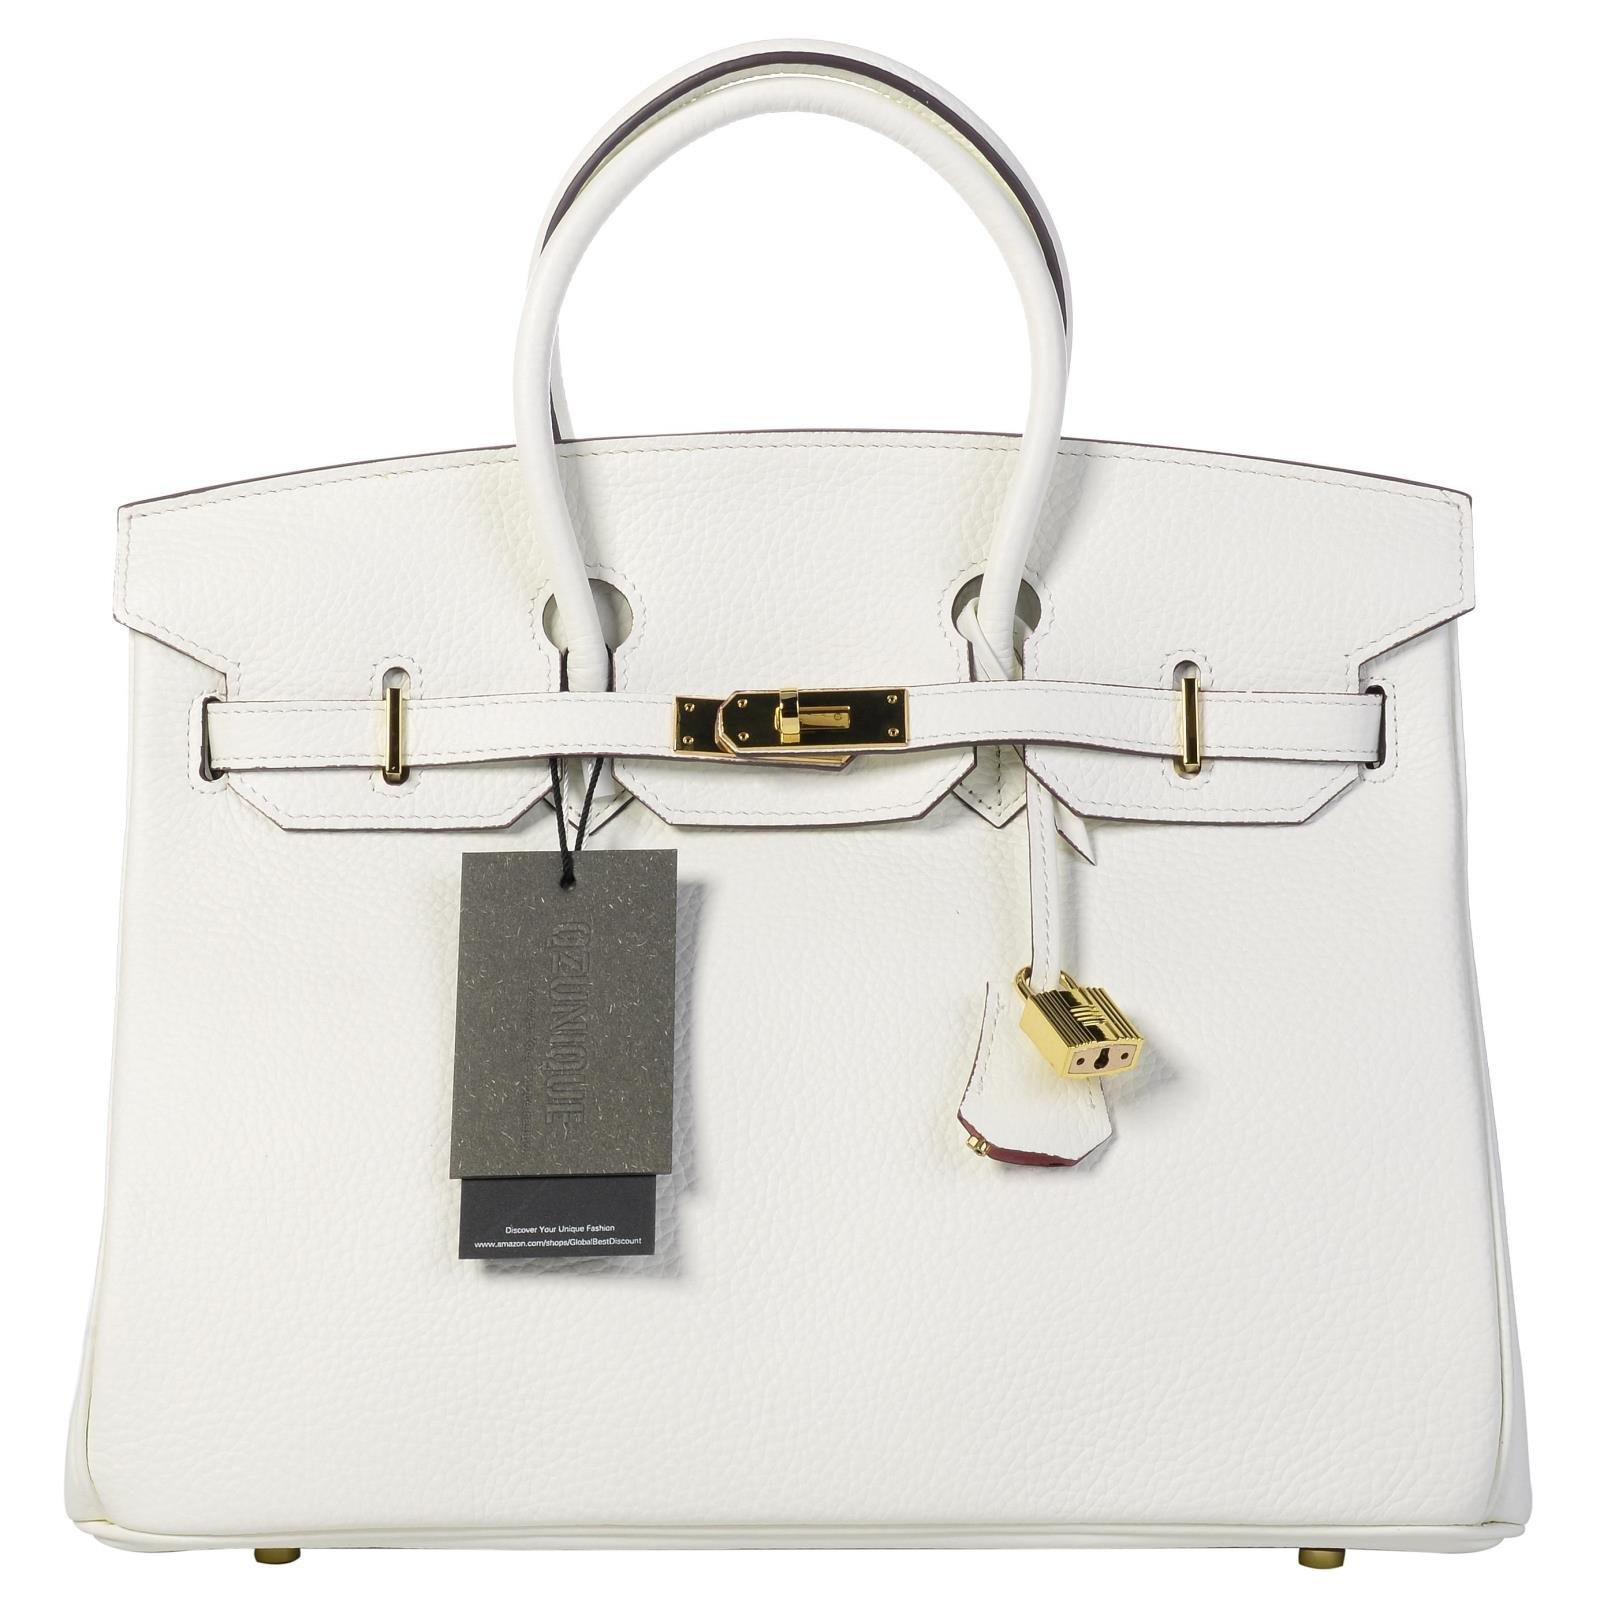 QZUnique Women's Cowhide Genuine Leather Fashion Zipper Buckle Belt Metalic Top Handle Bag White 35cm